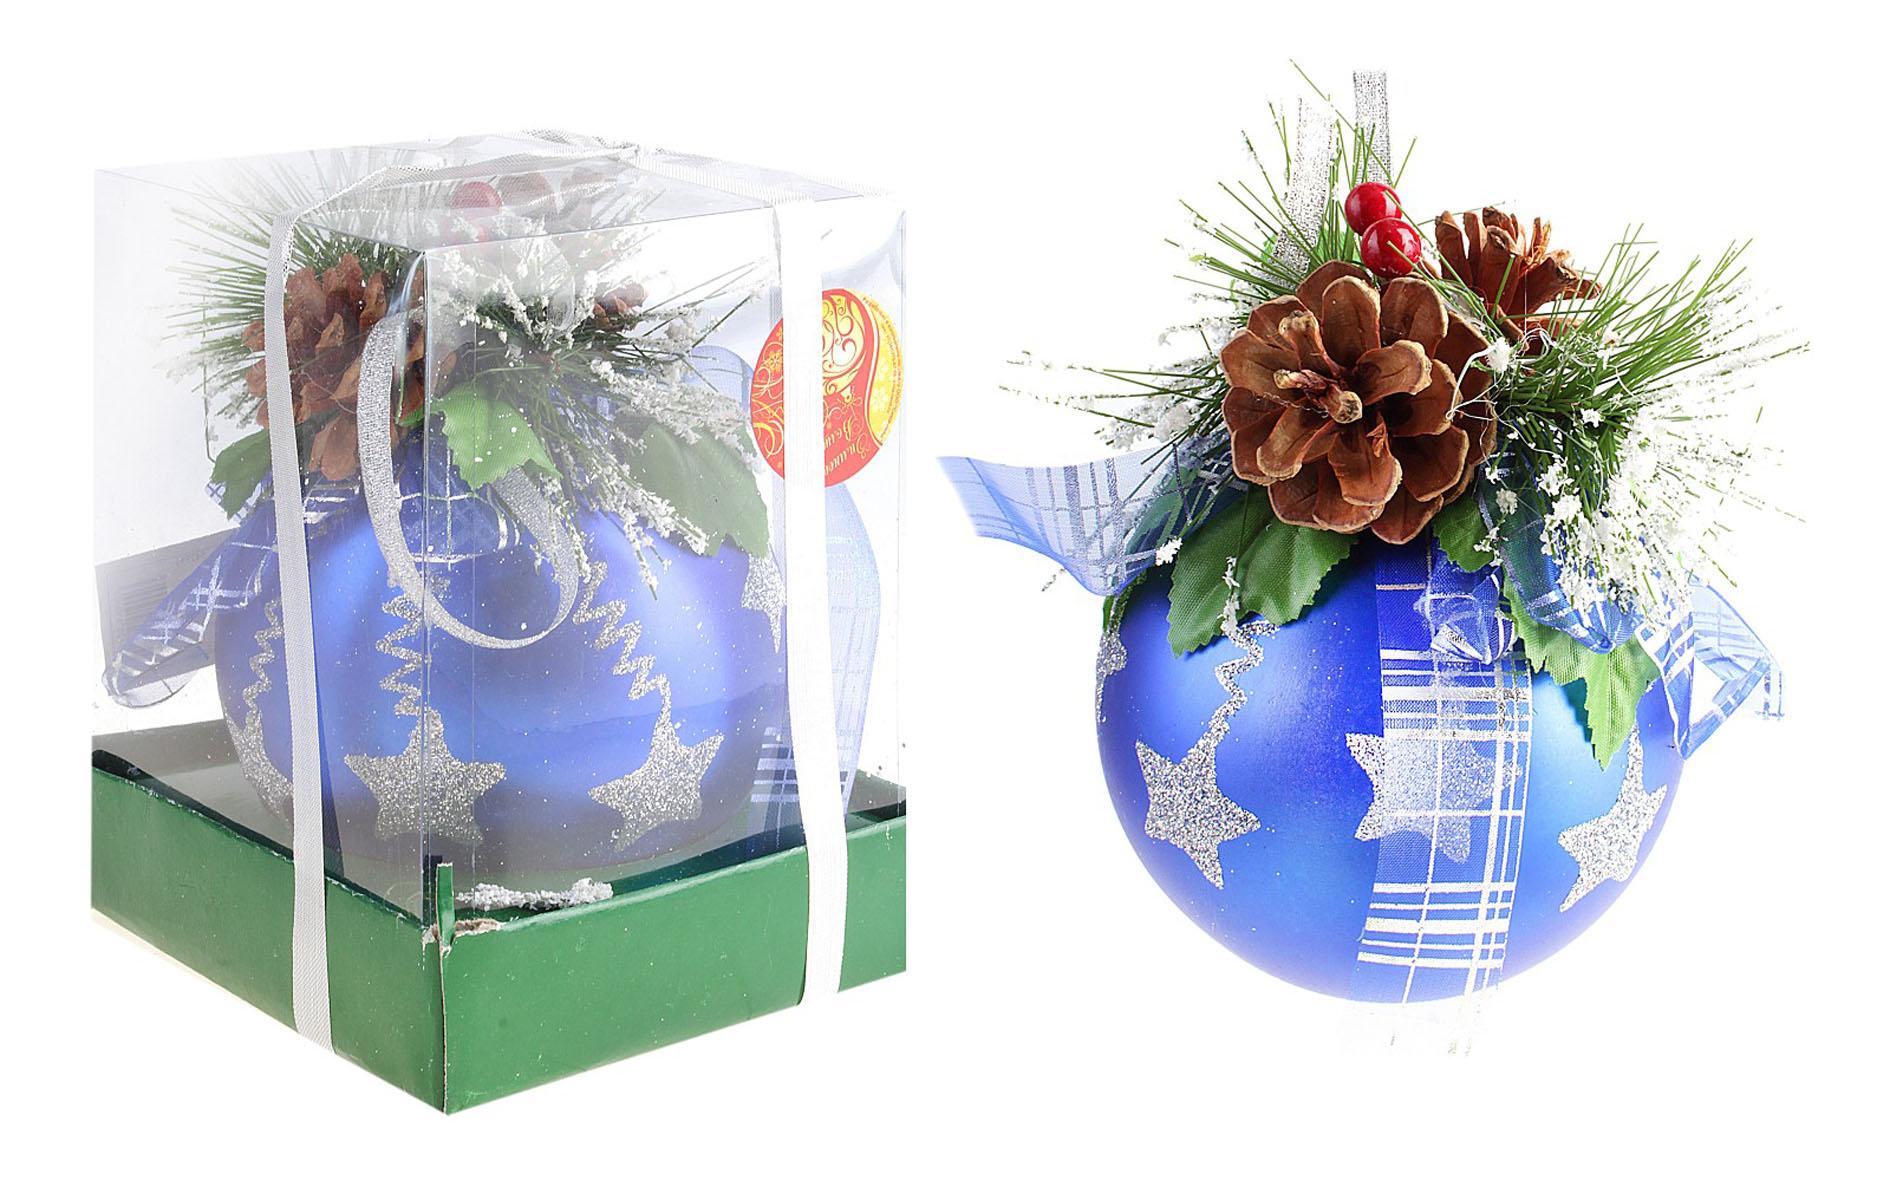 Новогодний декорированный шар Синие ленточки, диаметр 12 см. 542591542591Новогодний шар Синие ленточки, выполненный из пластика, украсит интерьер вашего дома или офиса в преддверии Нового года. Оригинальный дизайн и красочное исполнение создадут праздничное настроение. Новогодние украшения всегда несут в себе волшебство и красоту праздника. Создайте в своем доме атмосферу тепла, веселья и радости, украшая его всей семьей.